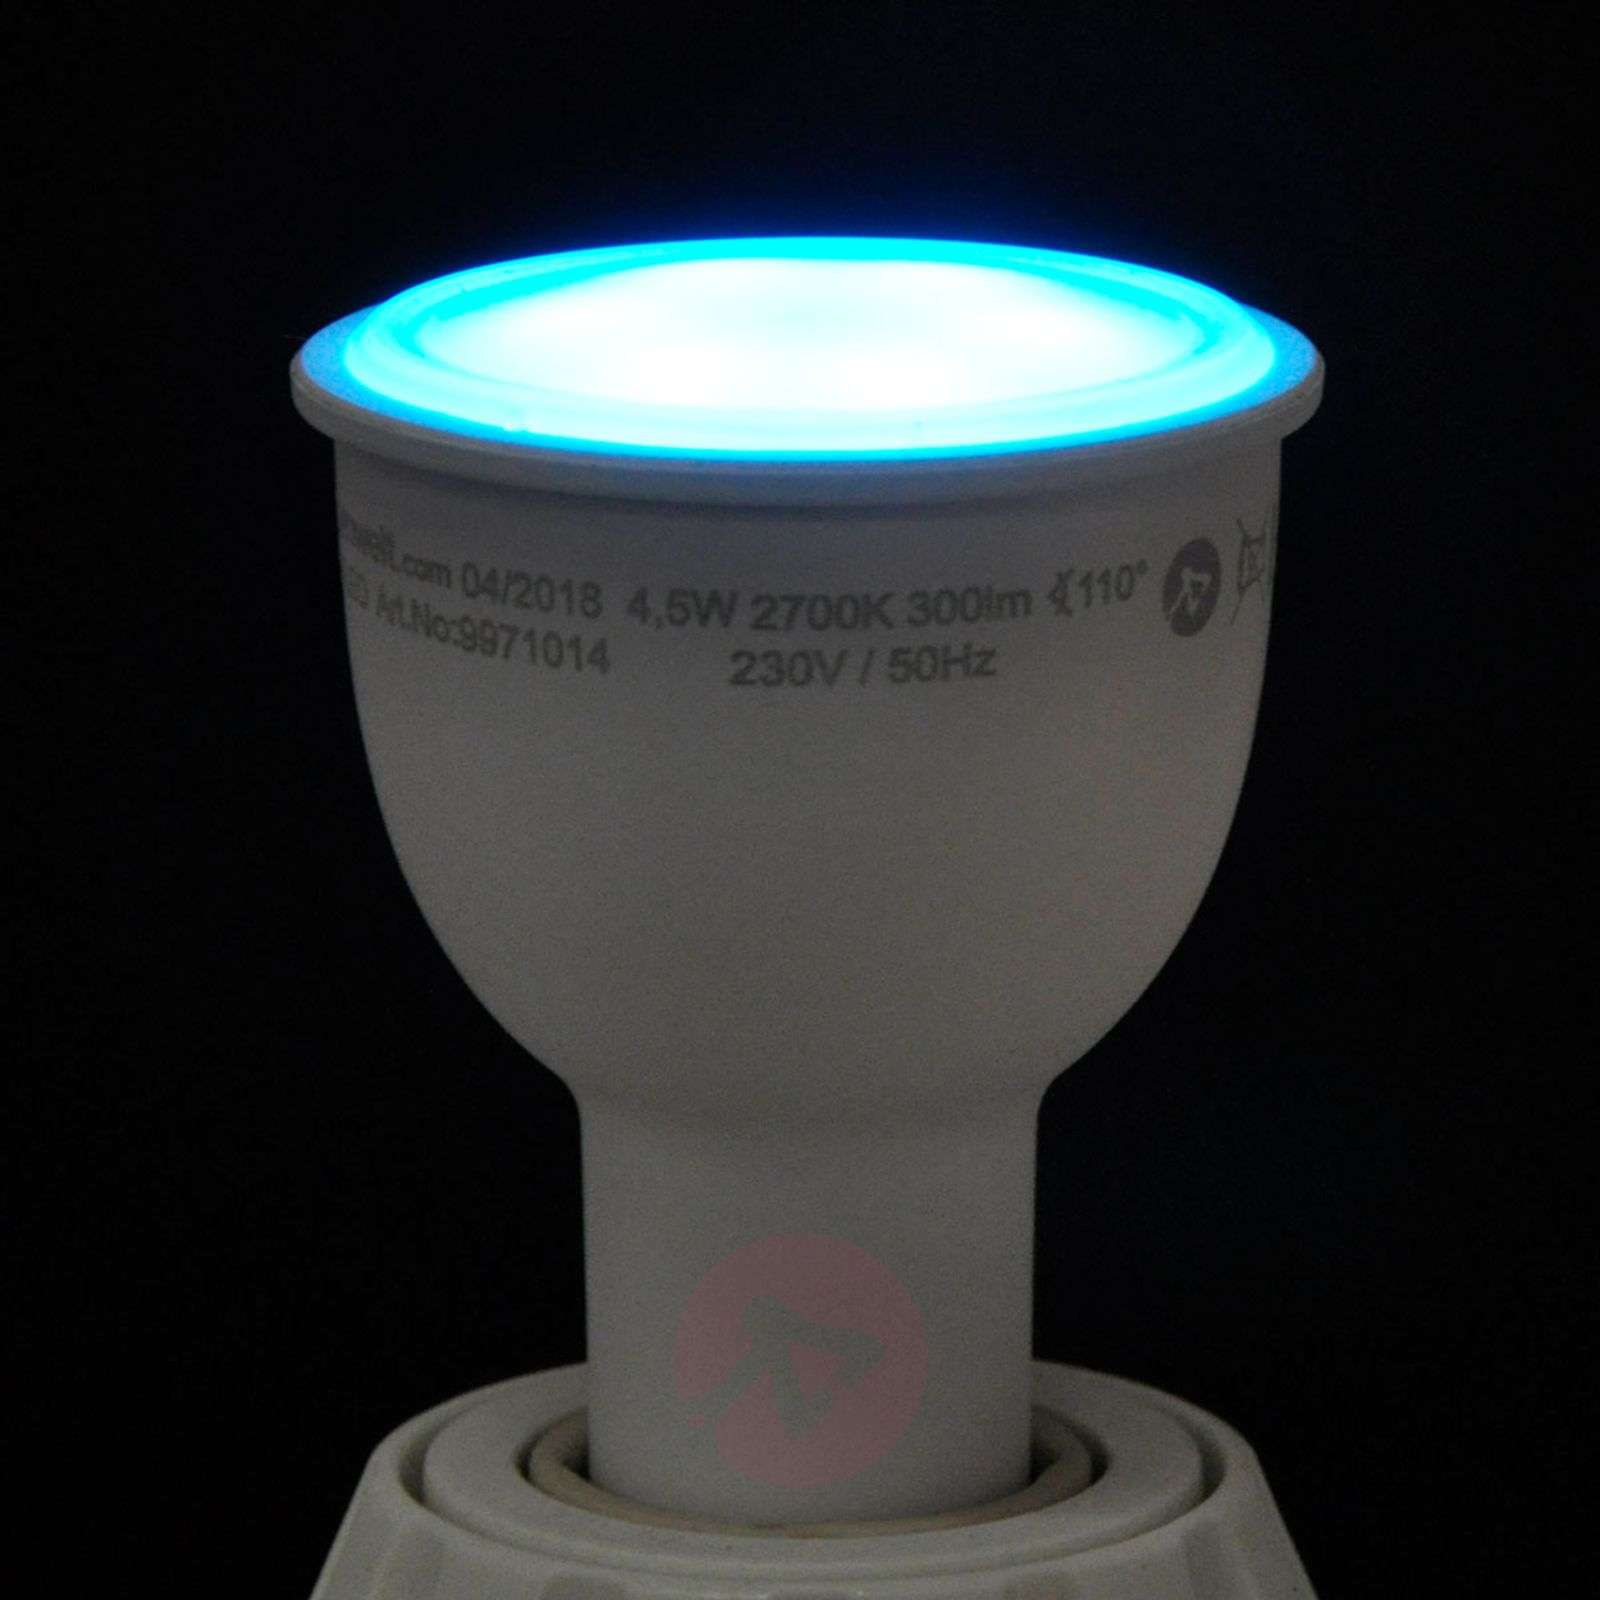 LED reflector bulb 110degree GU10 4,5W, RGB, dimmable-9971014-01